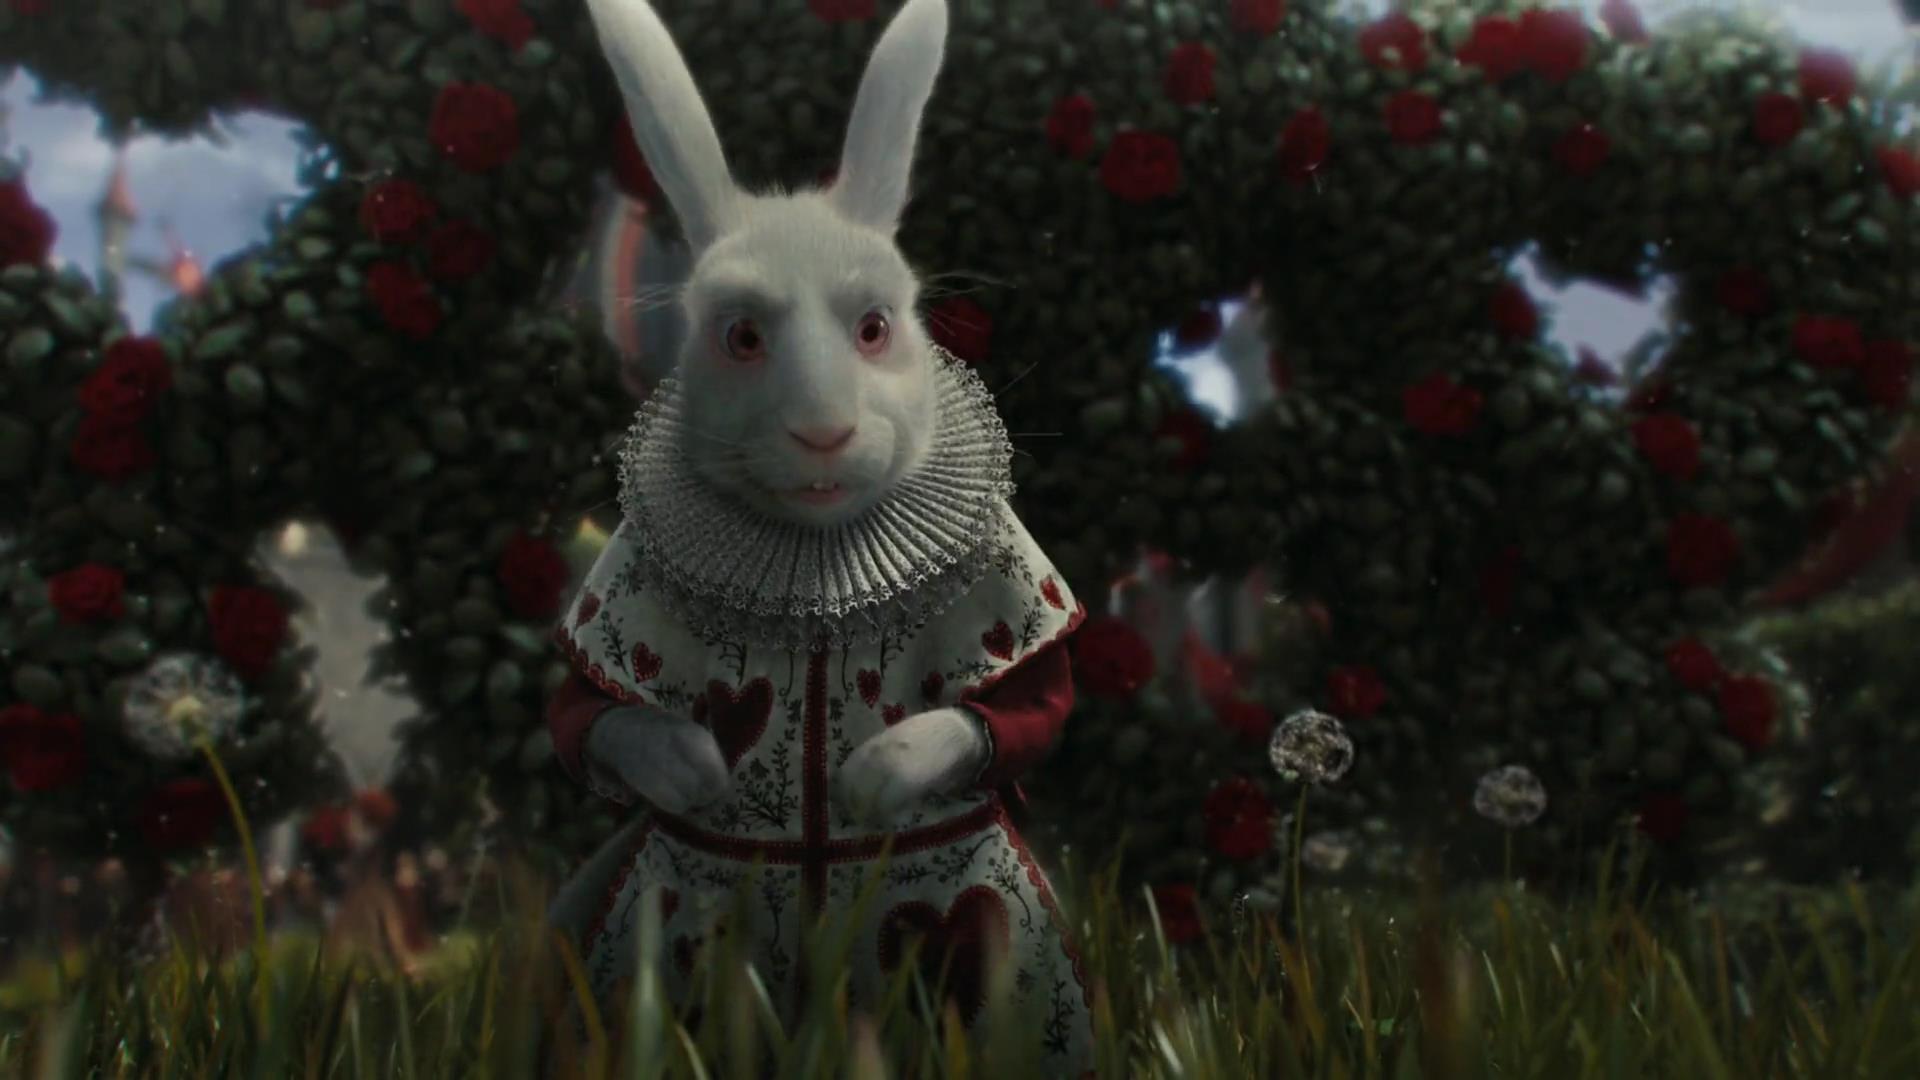 Le lapin blanc personnage dans alice au pays des merveilles film 2010 - Lapin dans alice aux pays des merveilles ...